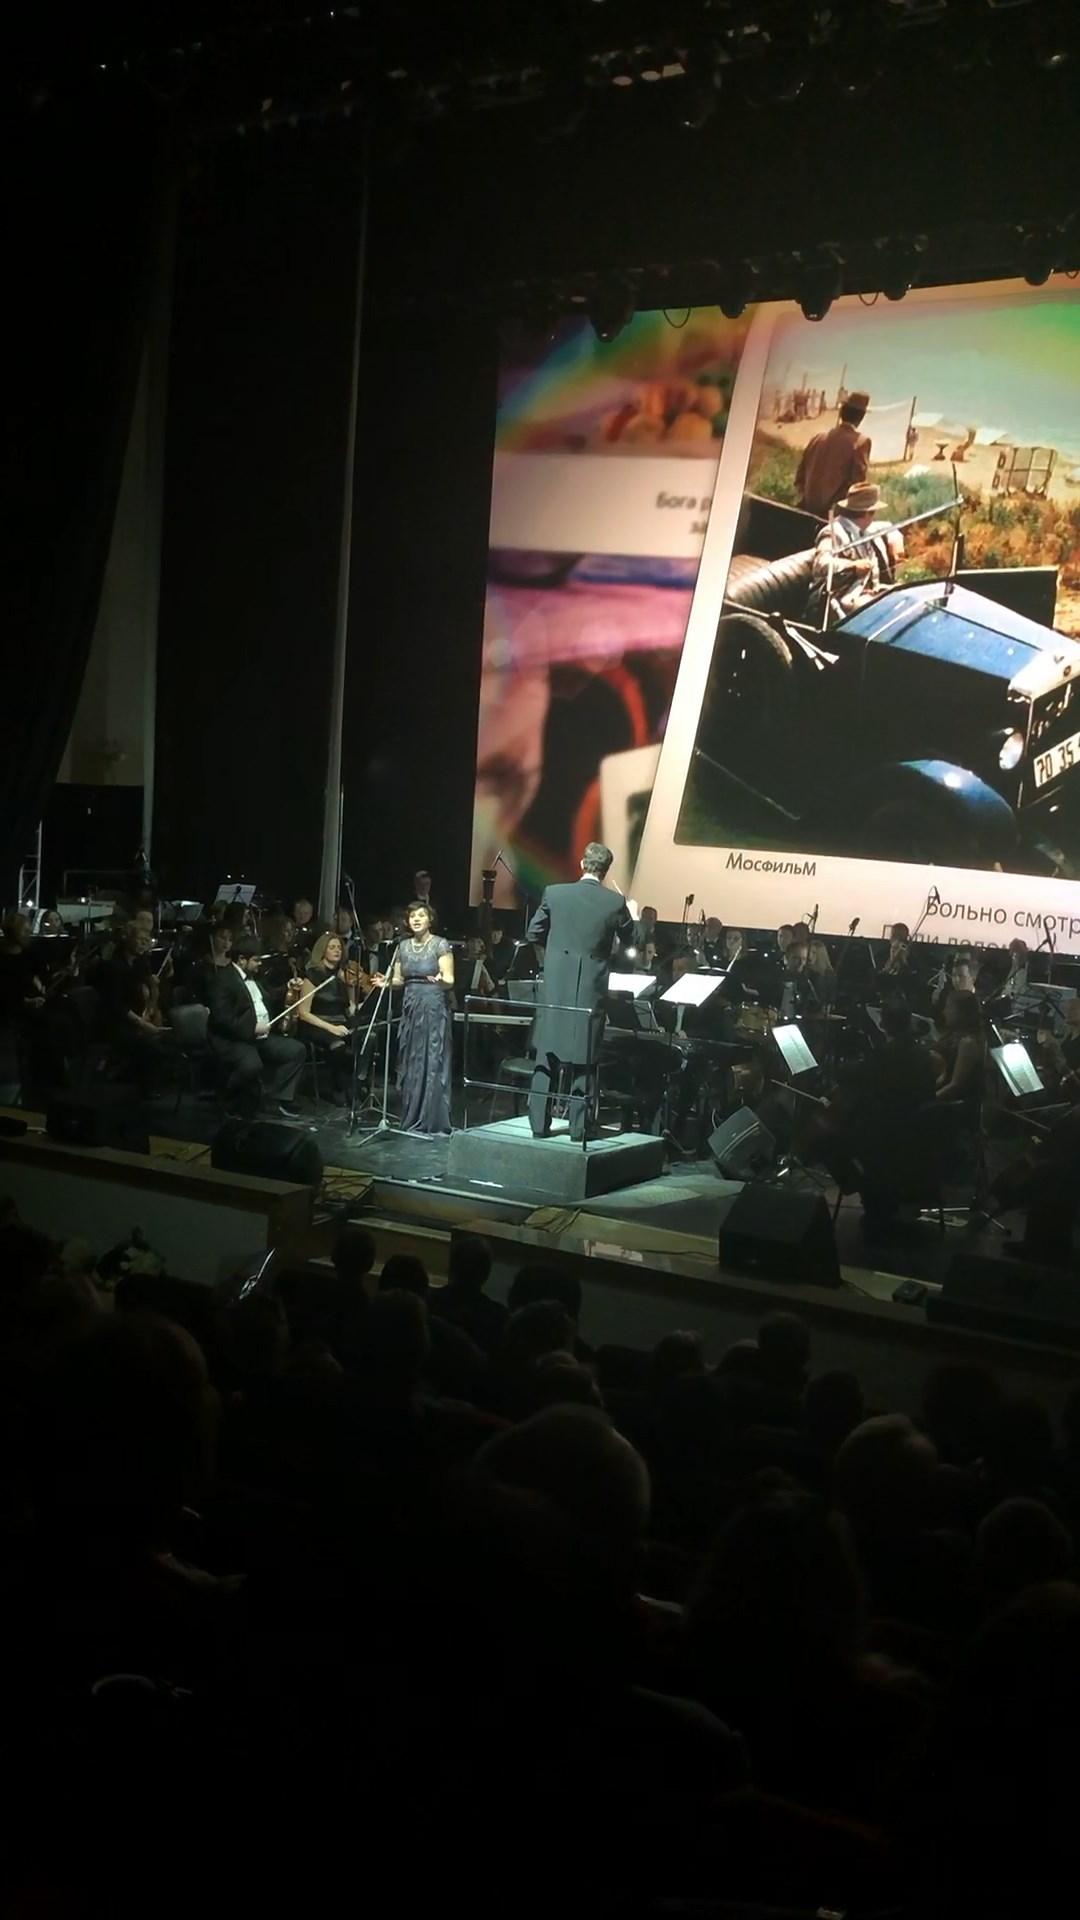 20 декабря 2018 г. на концерте в Конгресс-холле